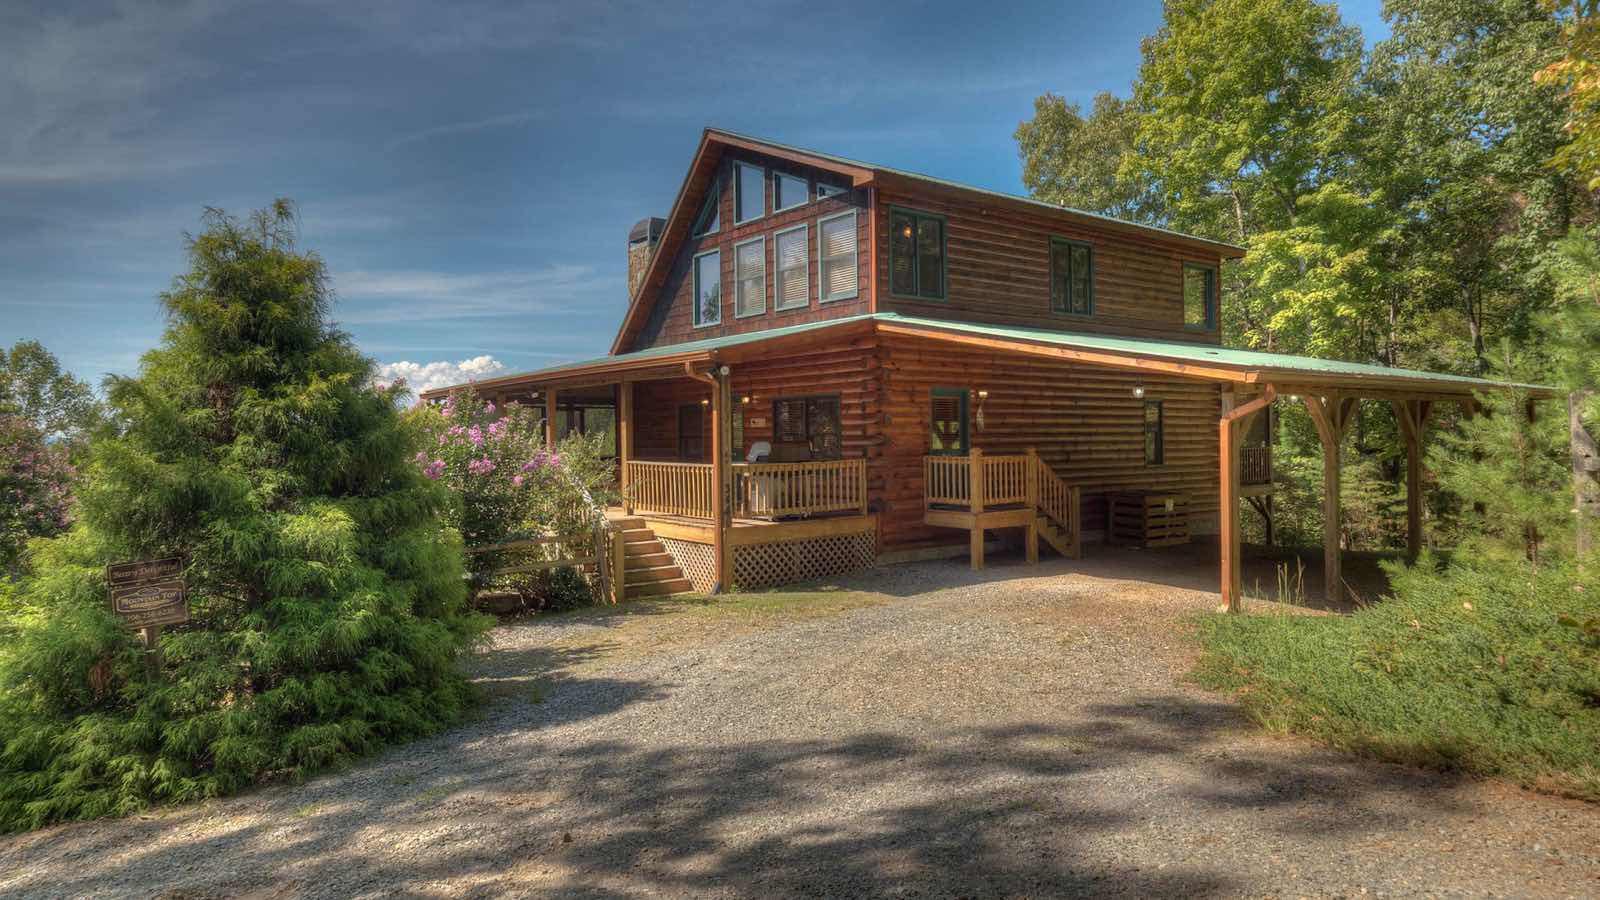 Blue ridge north georgia cabin rentals for North georgia cabin